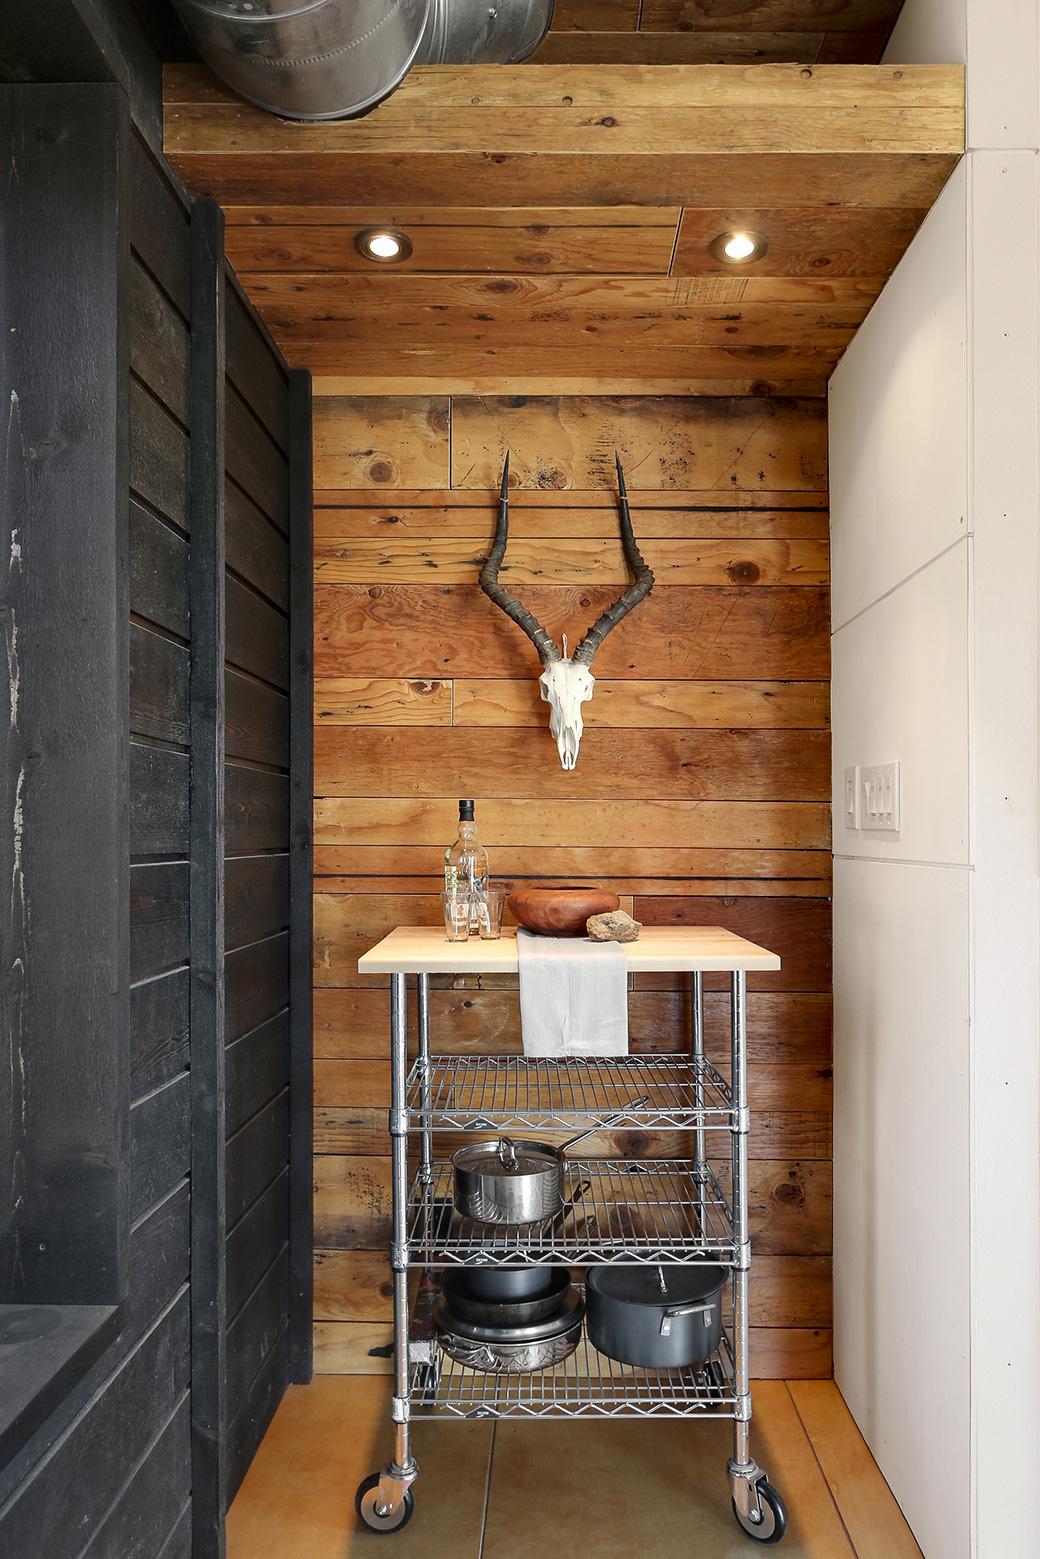 510 Cabin / Hunter Leggitt Studio (5)